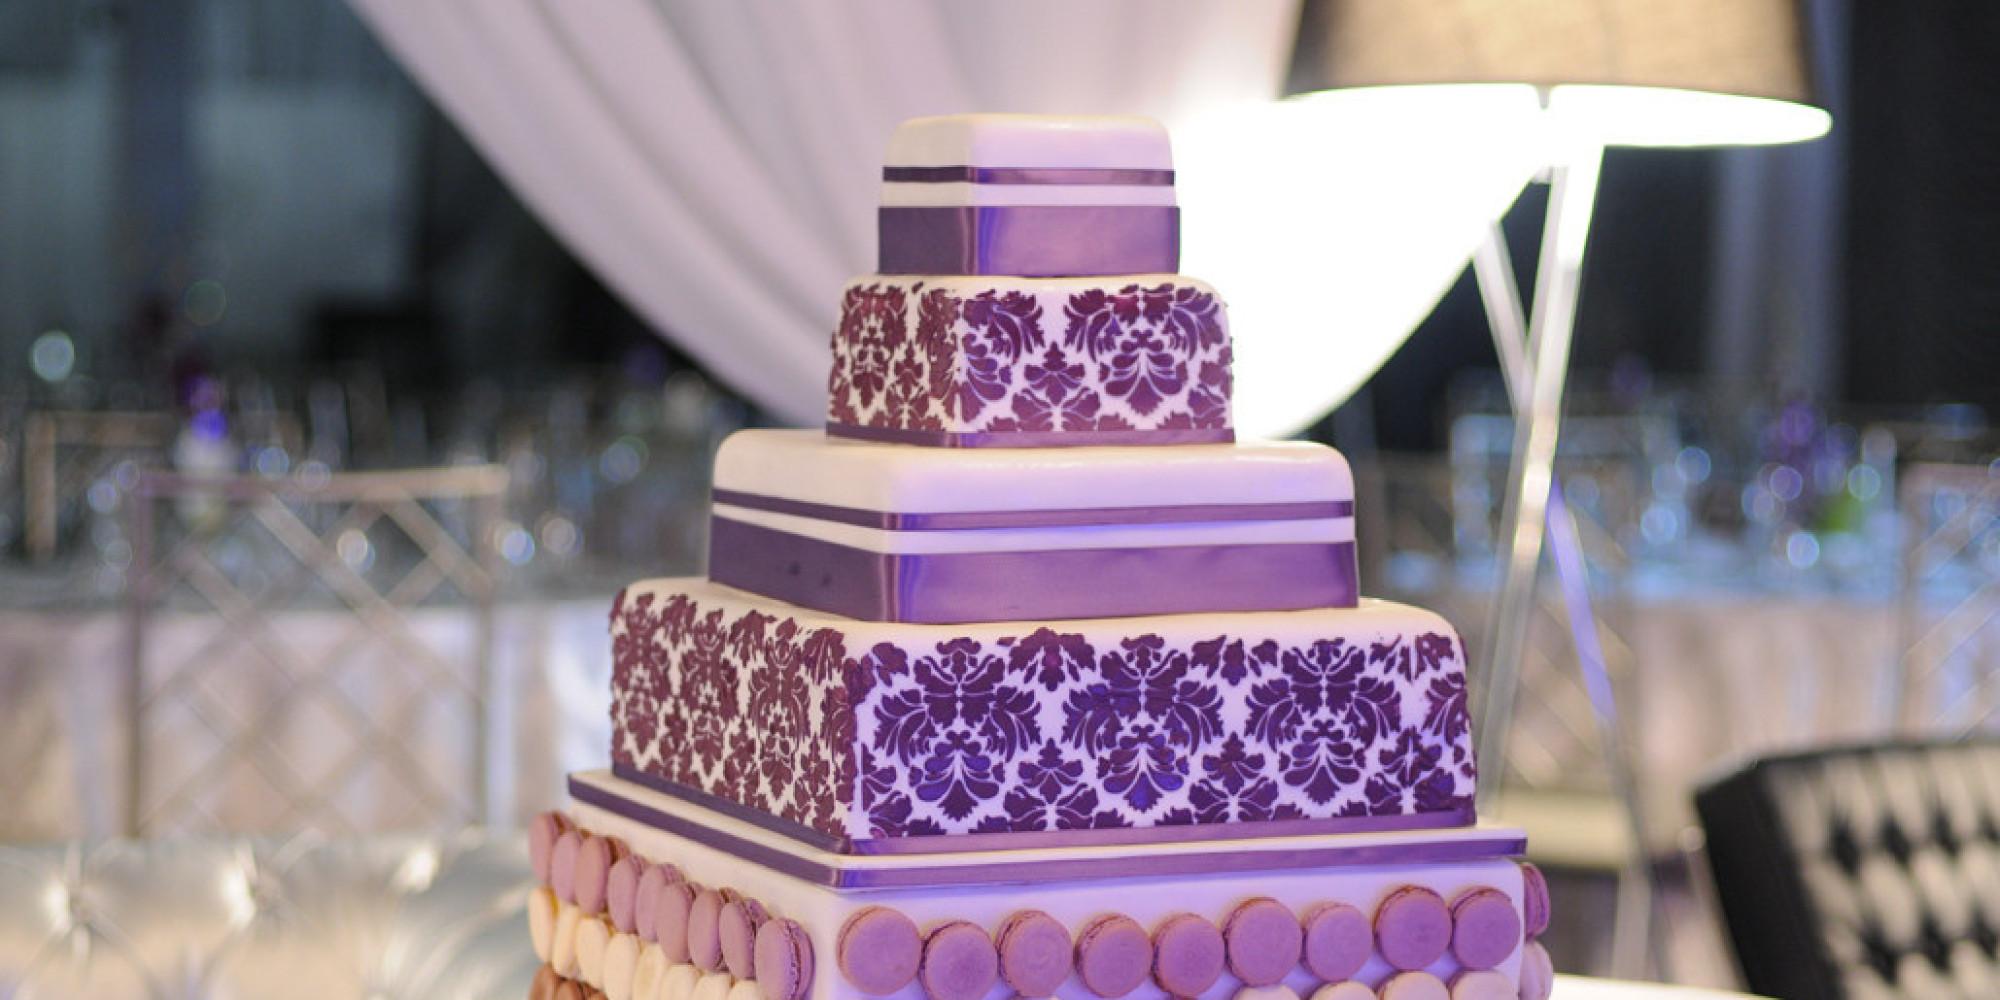 Cake Design Granby Qc : 39 idees de gateaux de mariage proposees par des ...